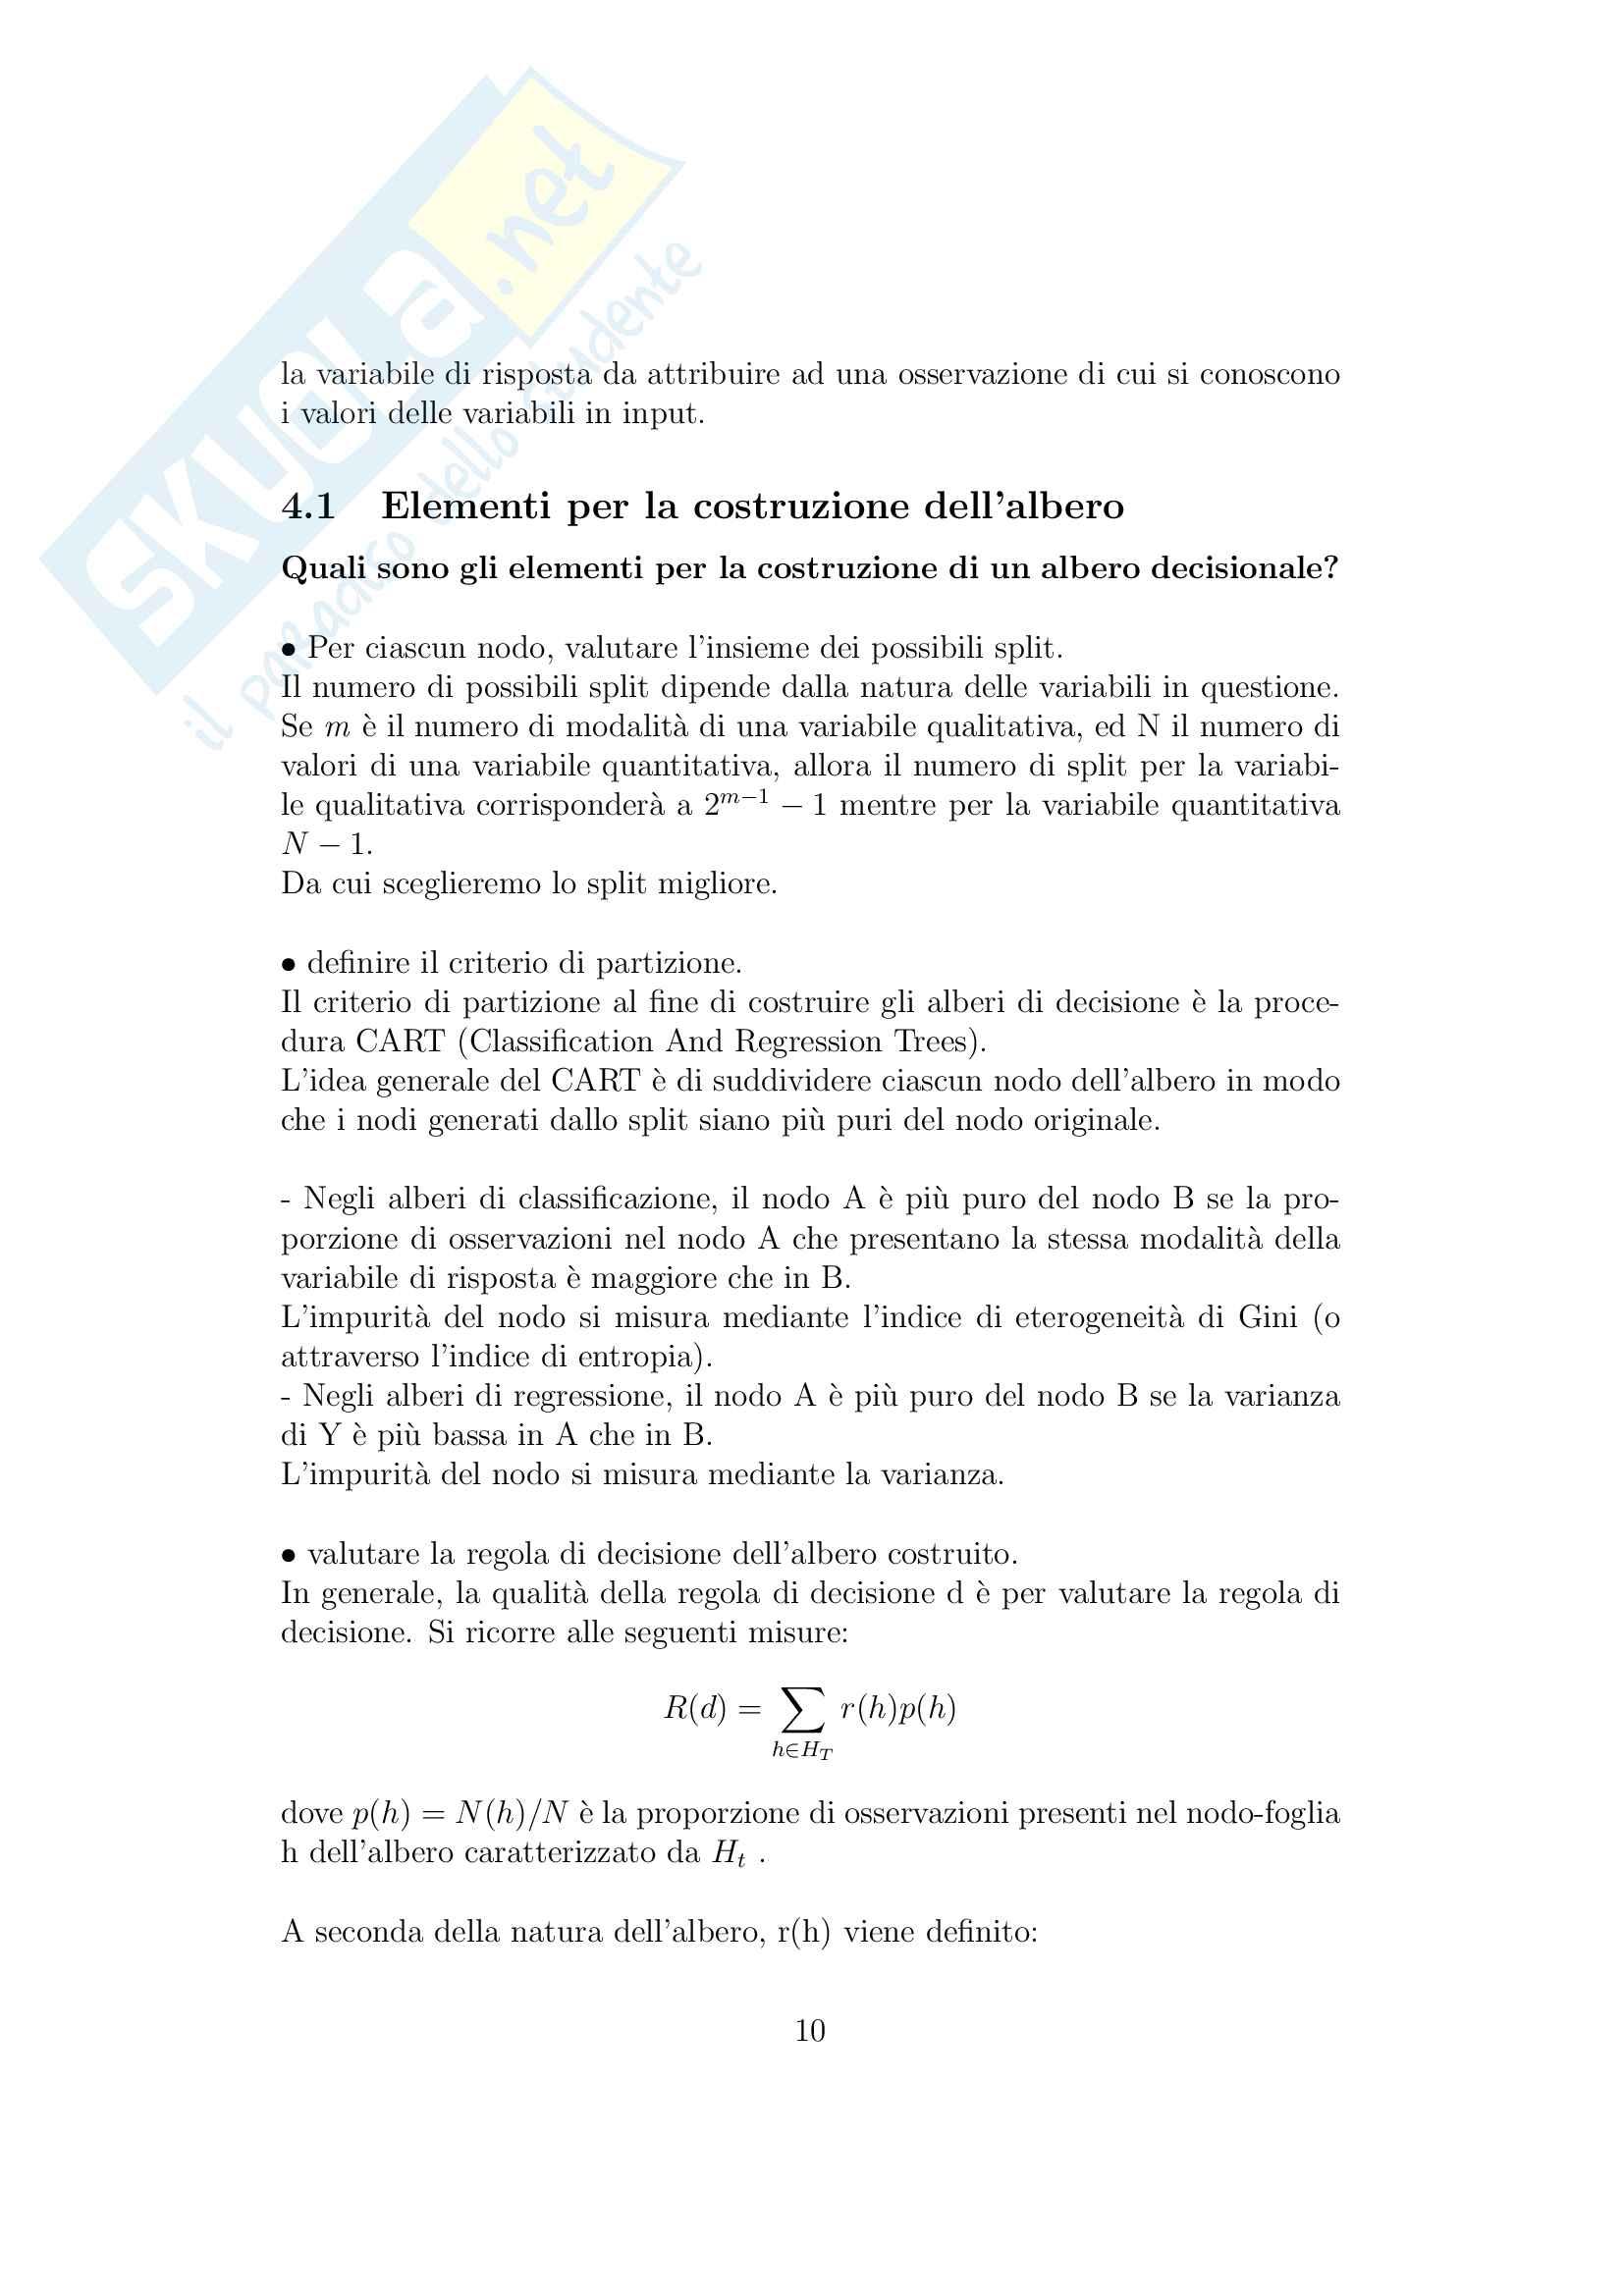 Apprendimento automatico (machine learning) Pag. 11